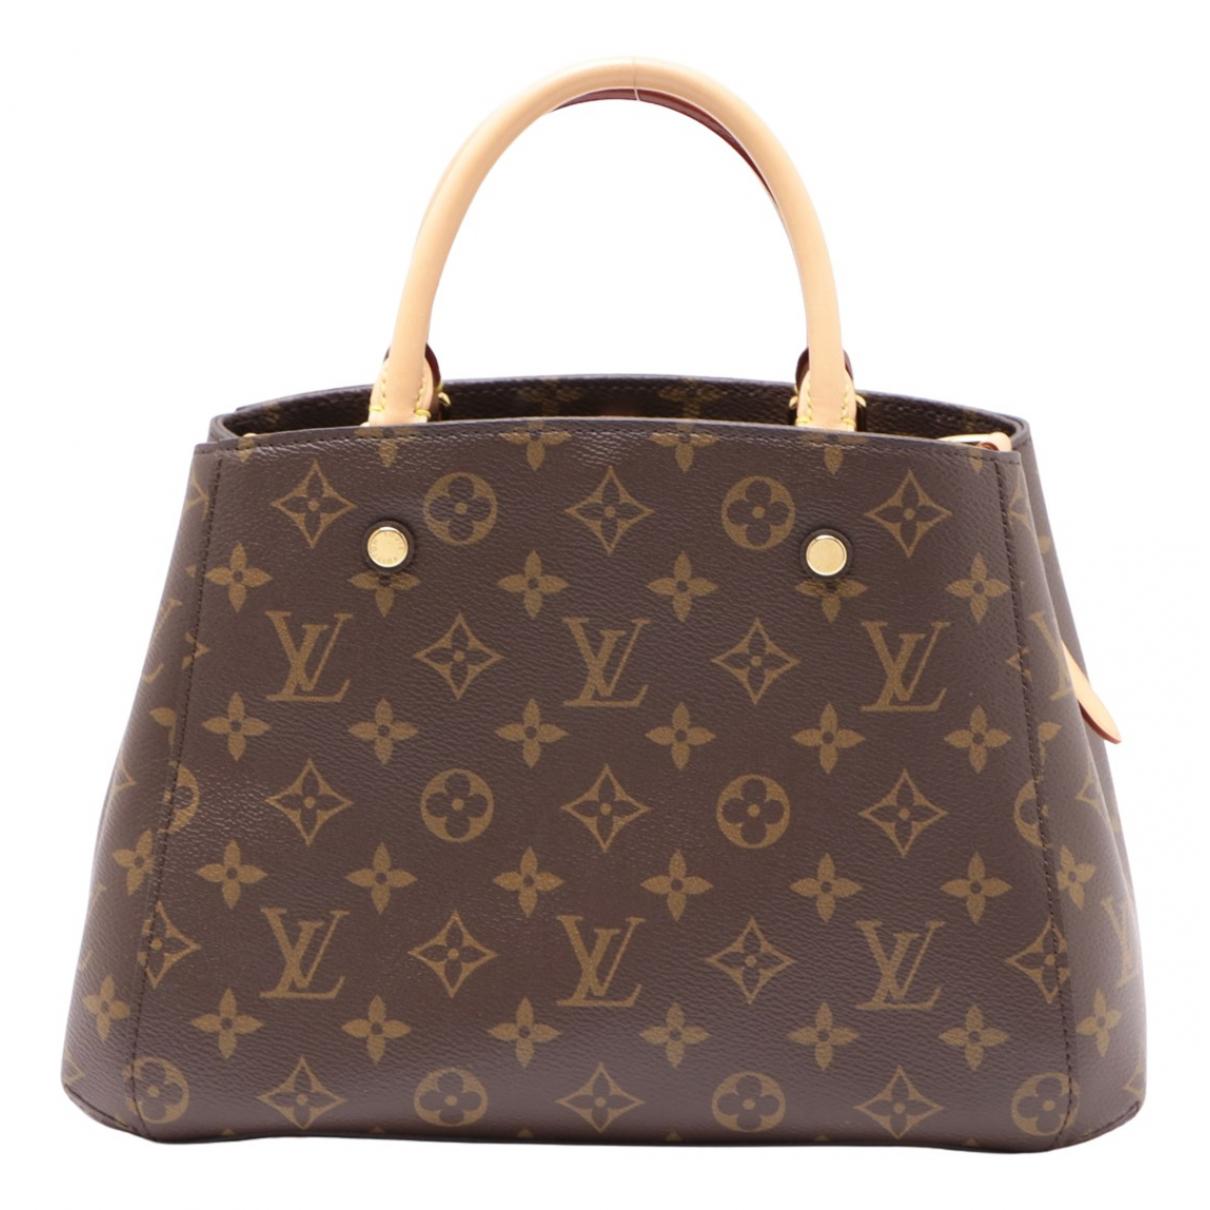 Louis Vuitton Montaigne Brown Cloth handbag for Women \N